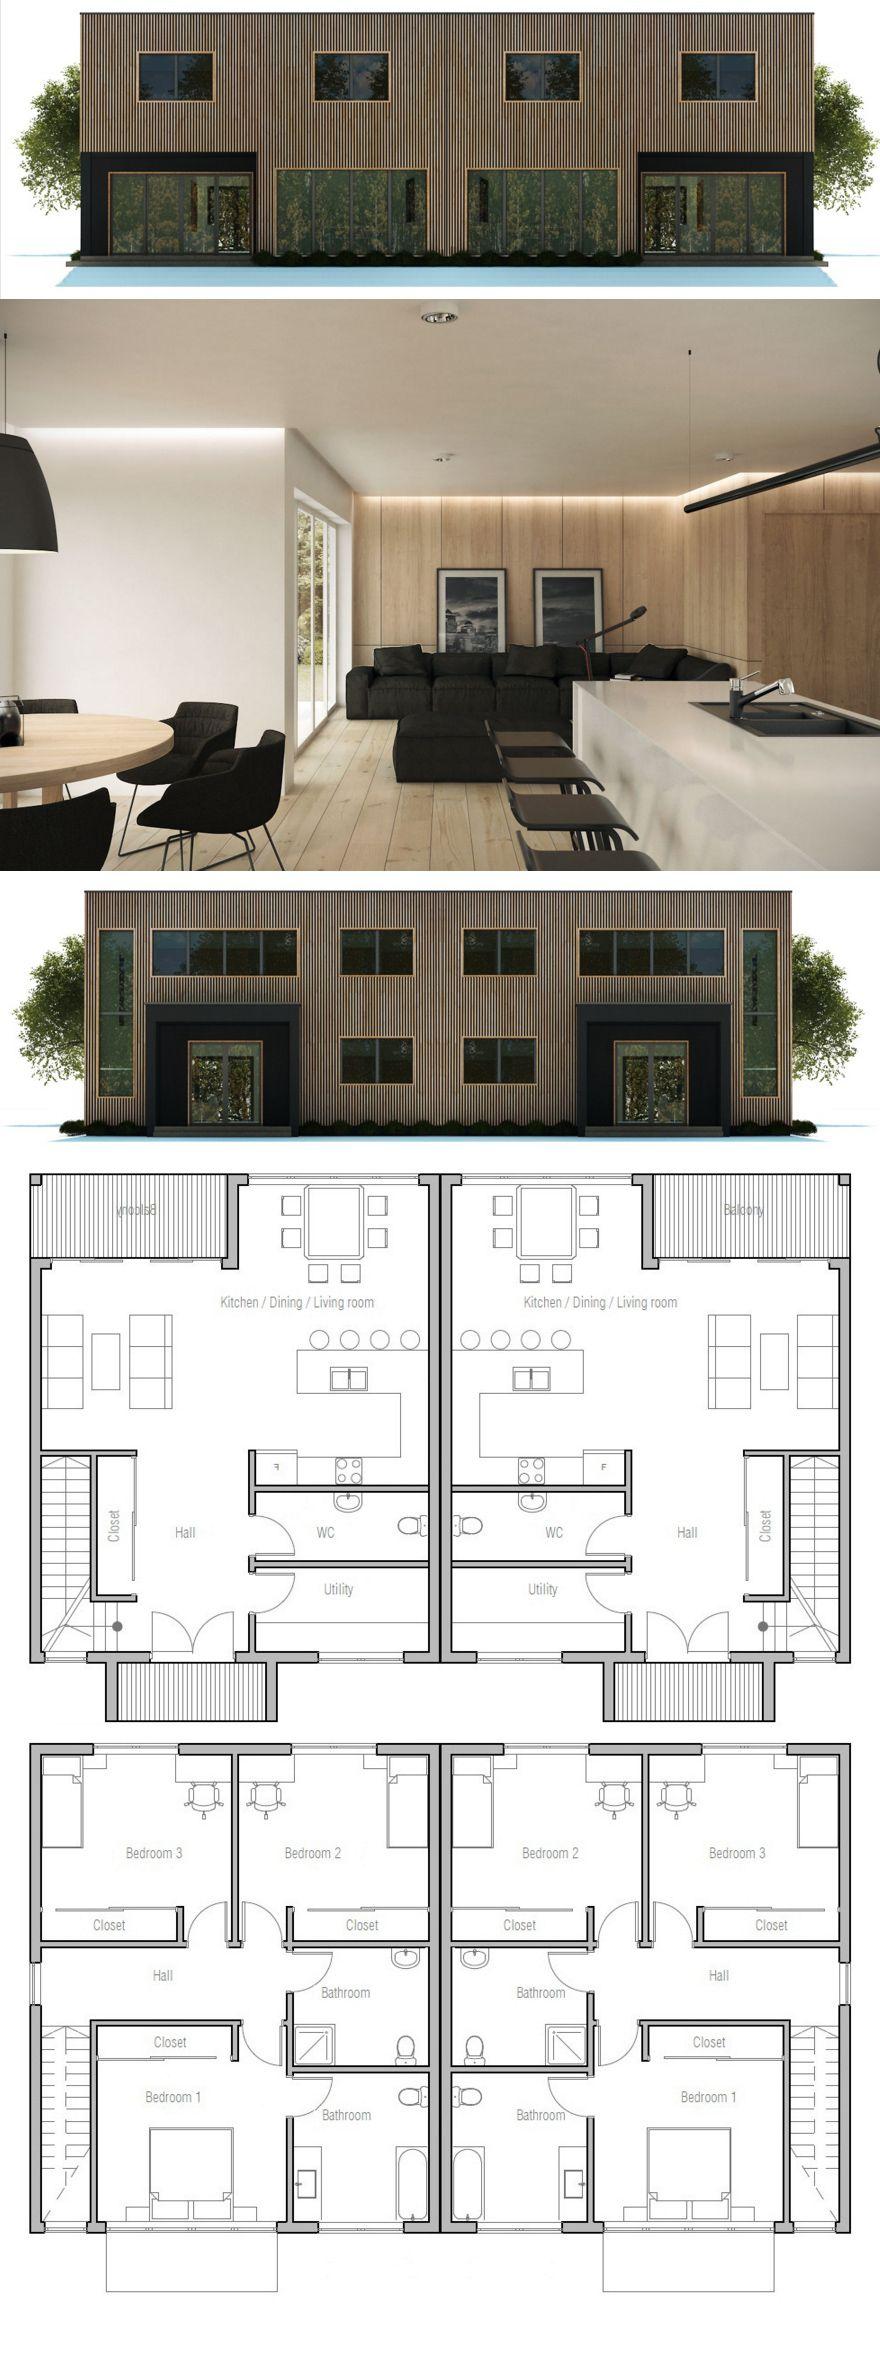 Doppelhaus haus pinterest grundrisse for Zweifamilienhaus plan